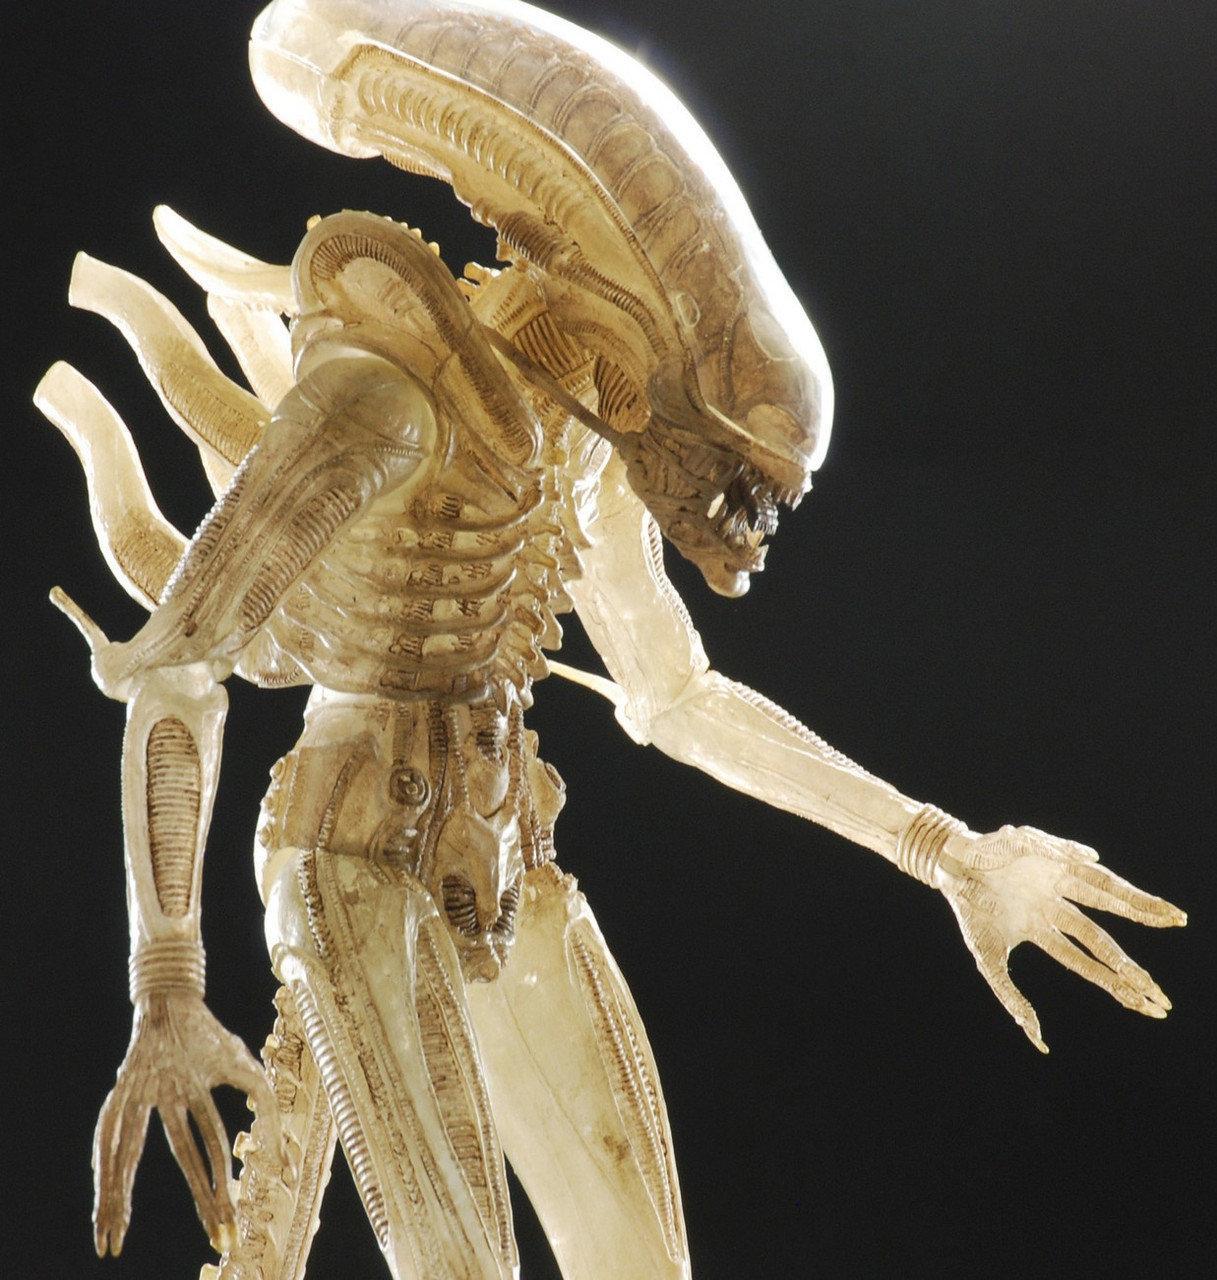 Фігурка NECA ALIEN AvP (Alien vs. Predator. Чужий проти Хижака). Xenomorph